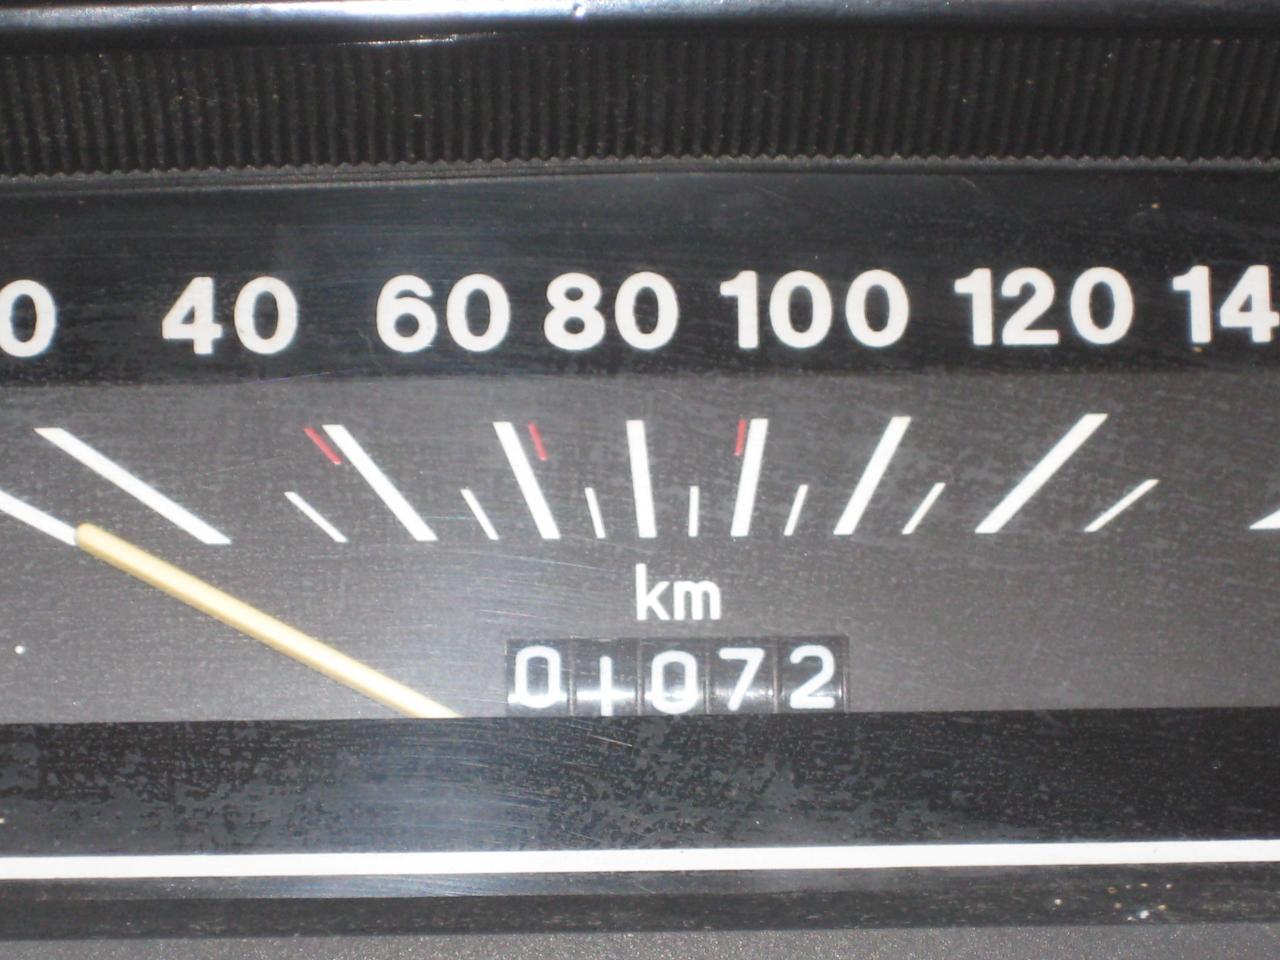 Авто ру курск - 7fb